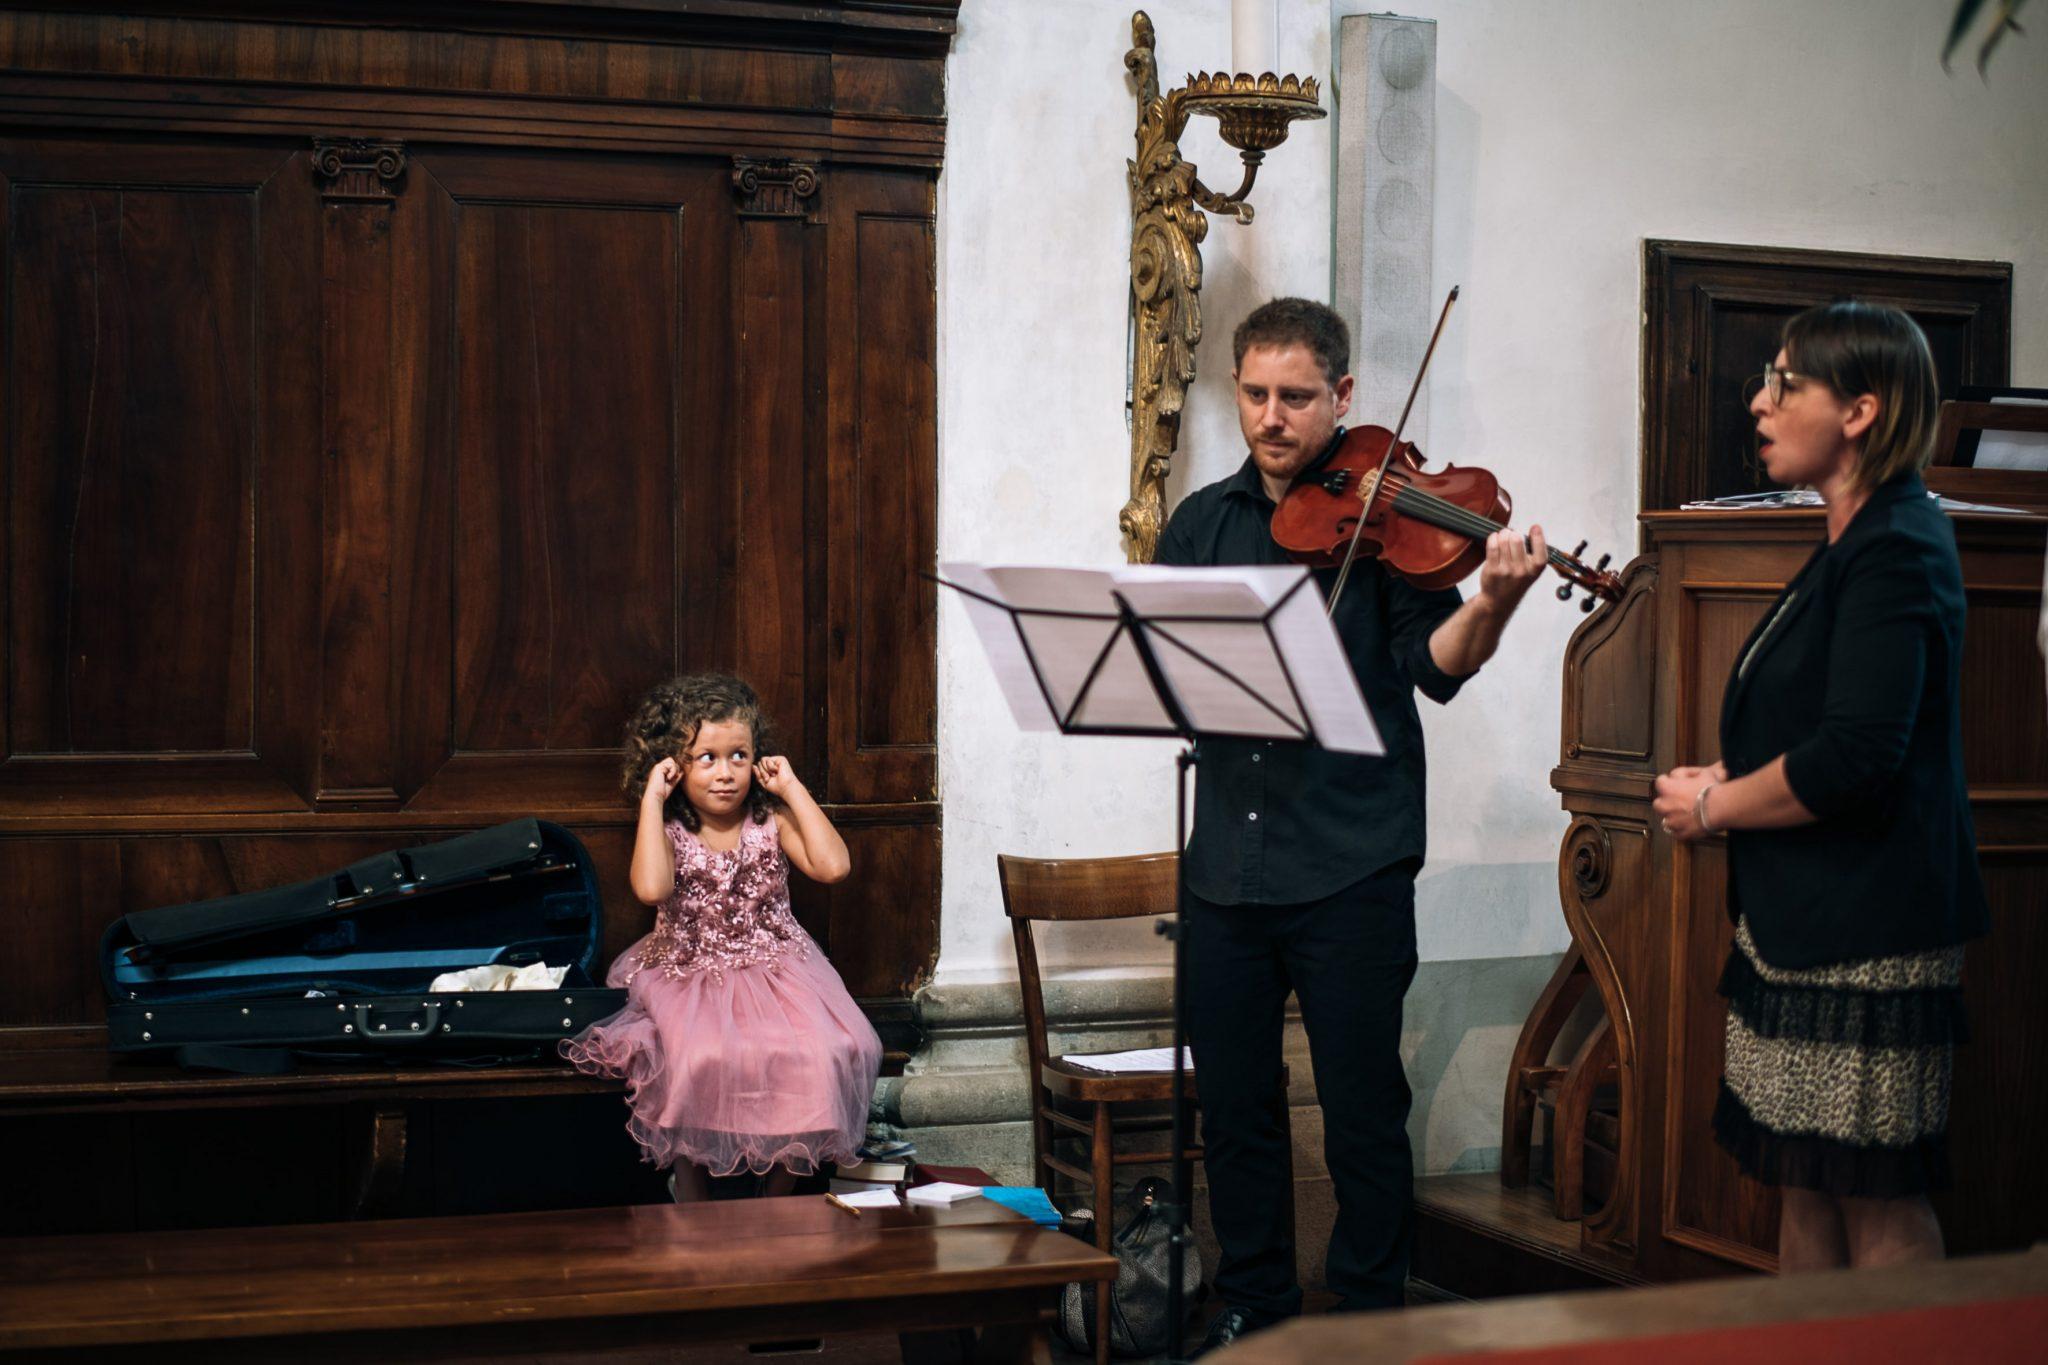 la bambina si tappa le orecchie mentre il violinista suona il violino durante la cerimonia